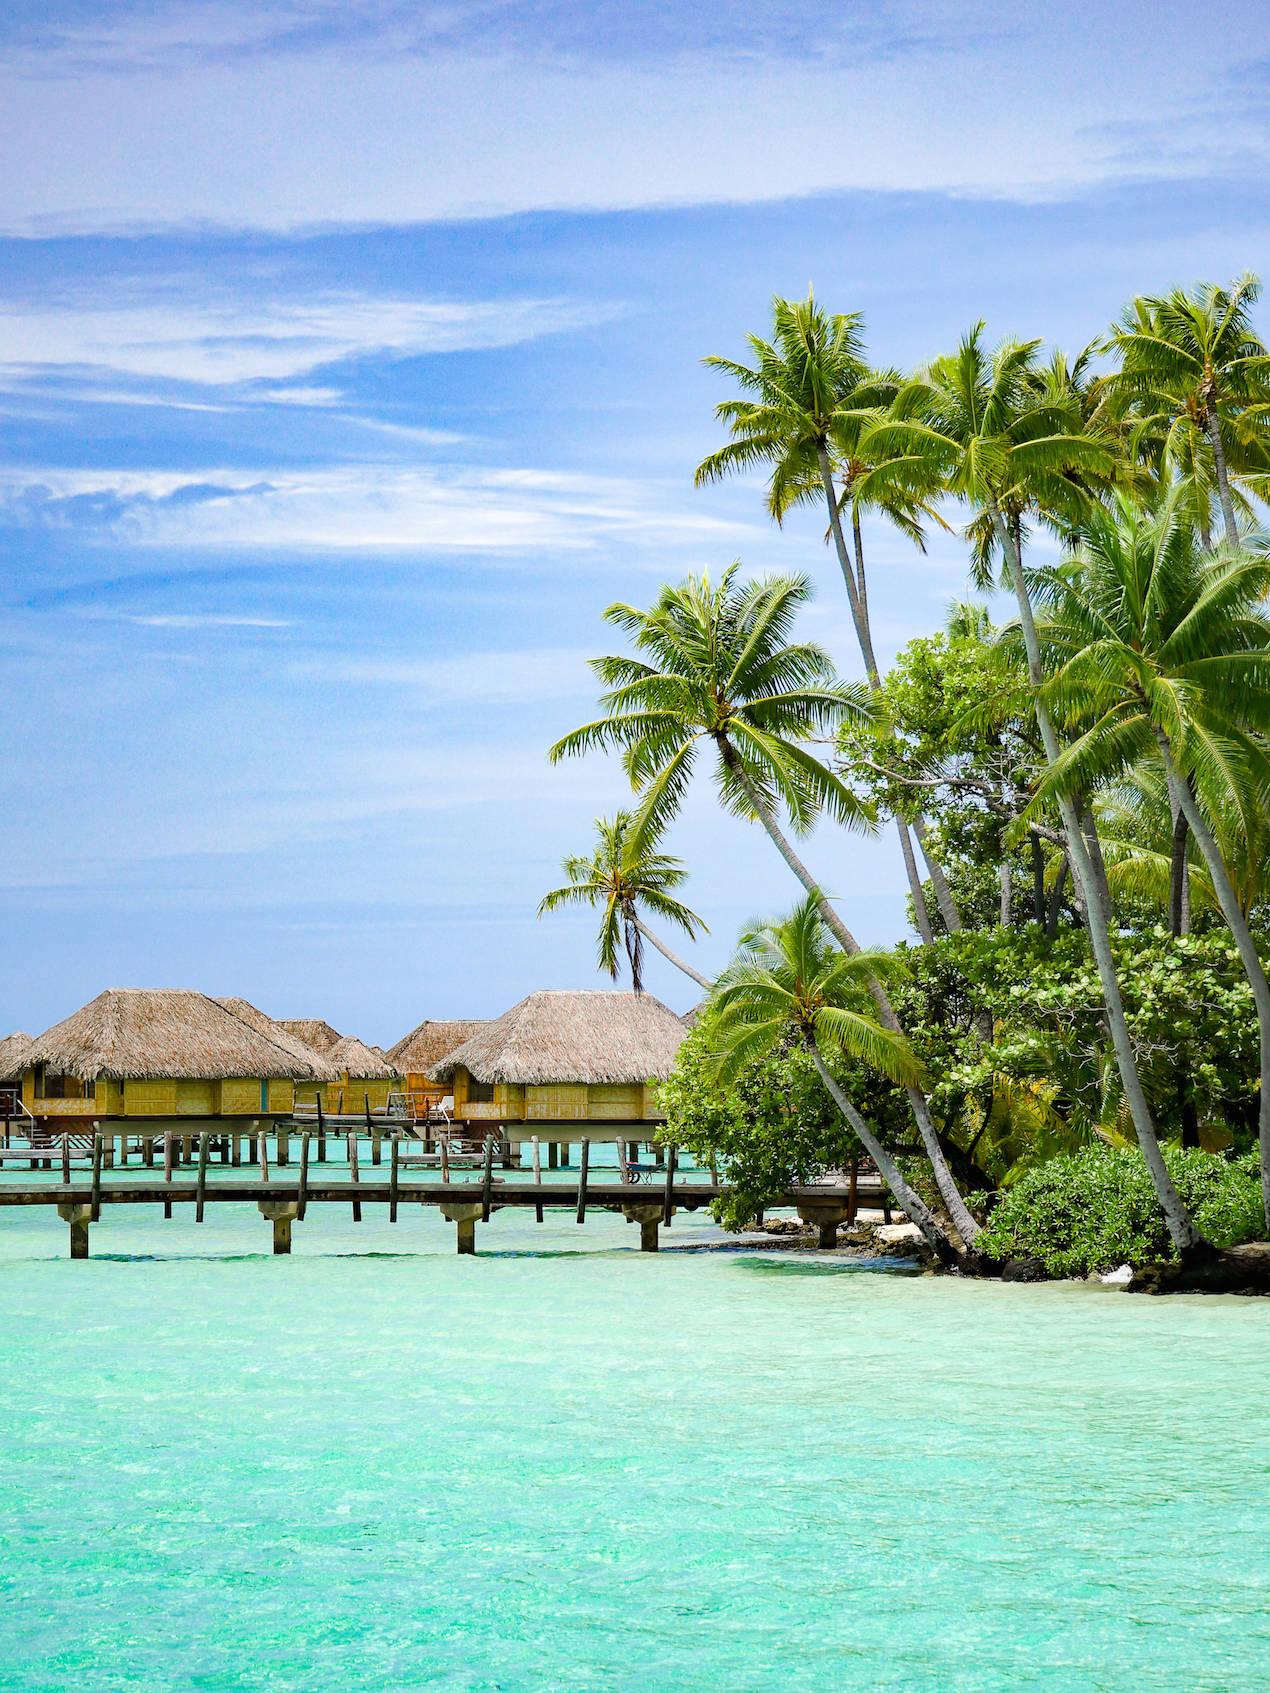 Tahiti_PalmTrees